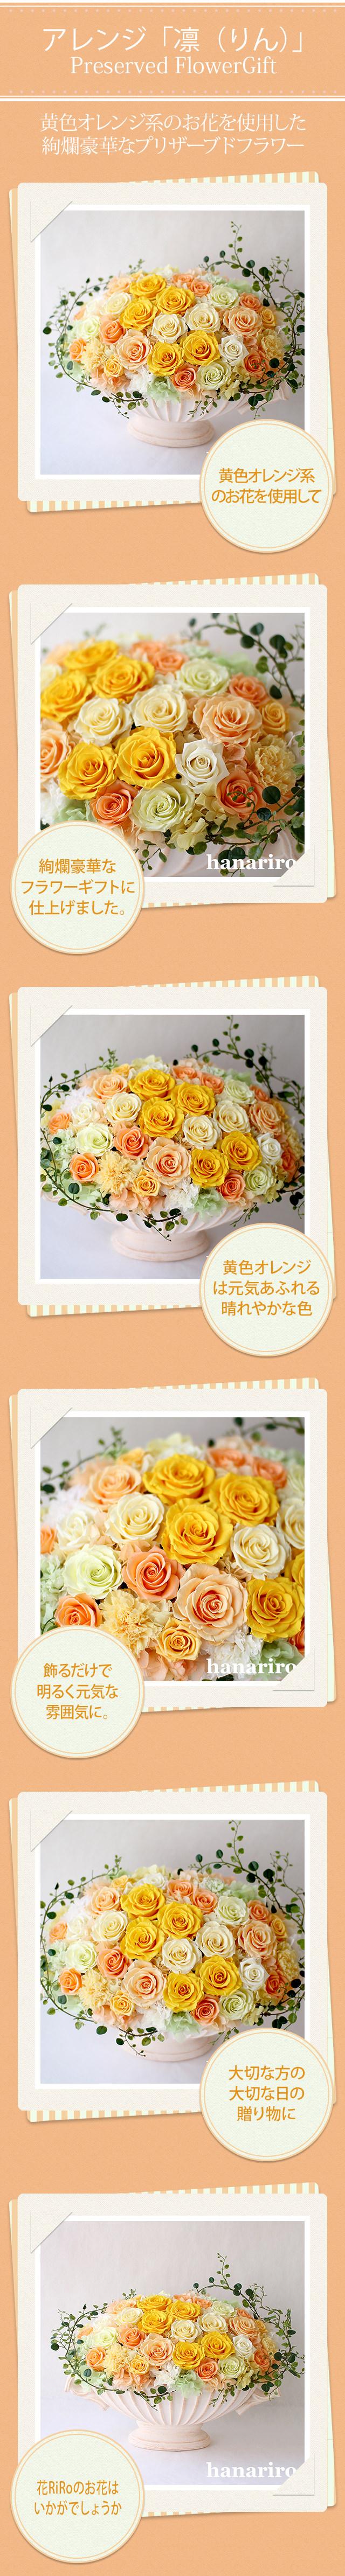 アレンジ「凛(りん)」/プリザーブドフラワーギフト